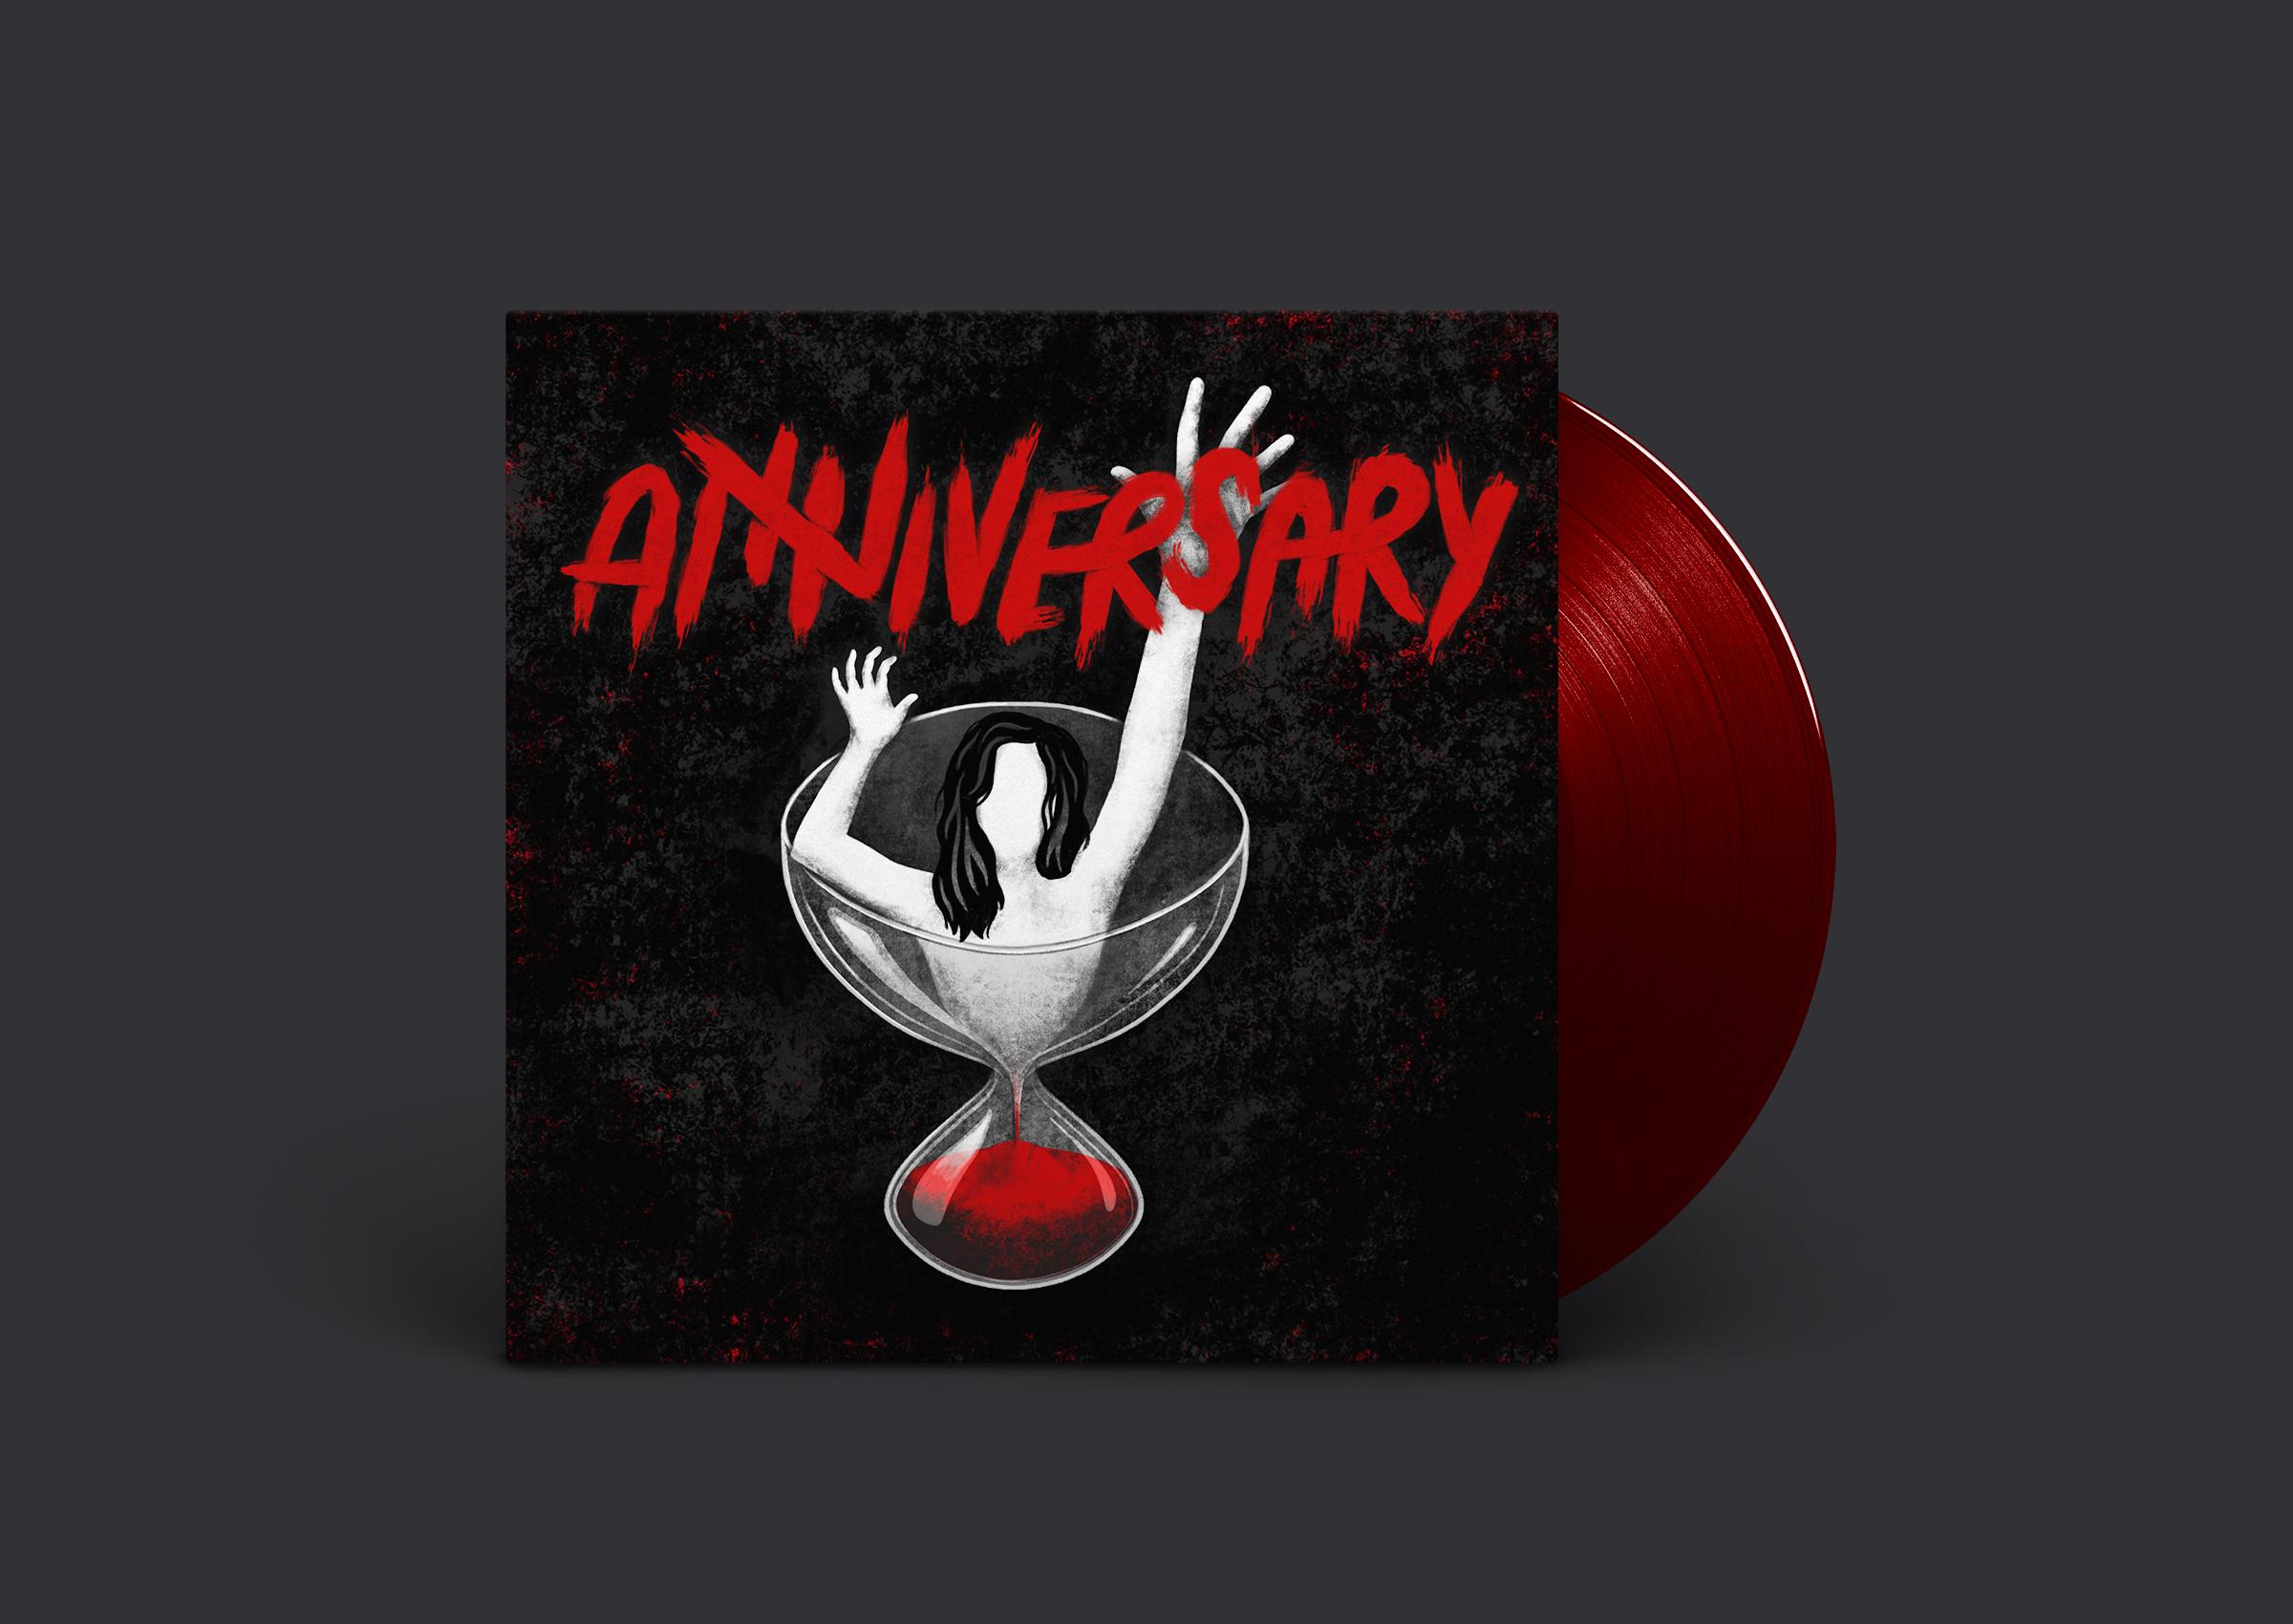 anniversary-vinyl-dark.jpg